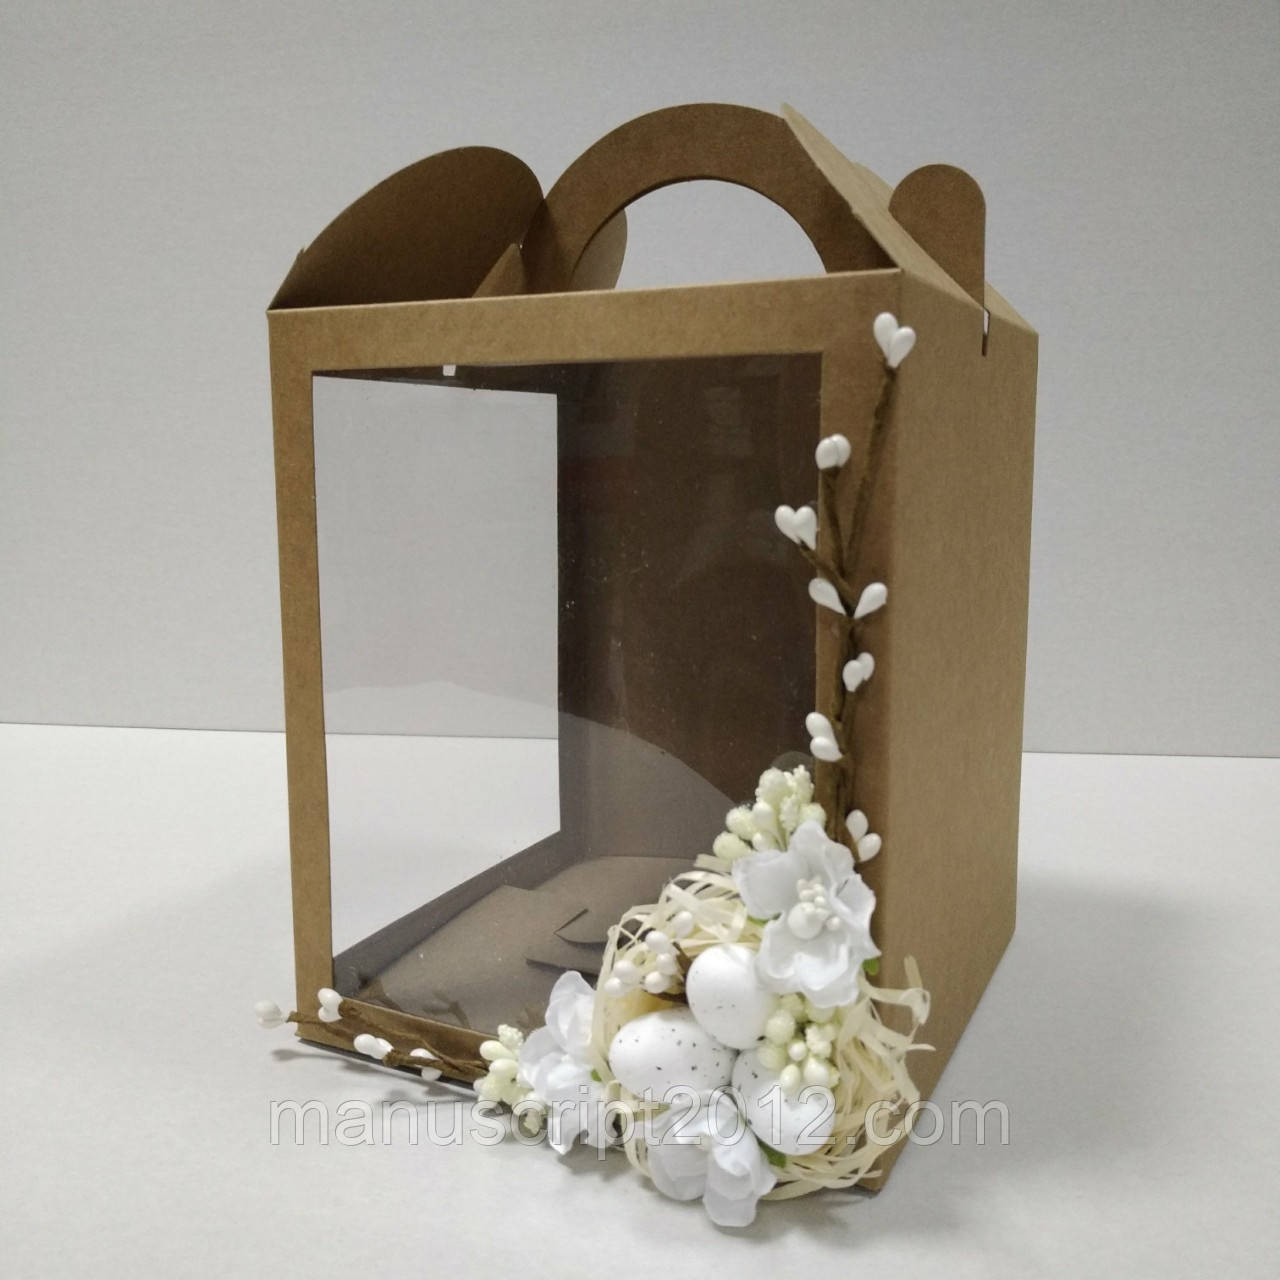 Коробка для кулича, подарков и пряничных домов с декором (160*160*190 мм)